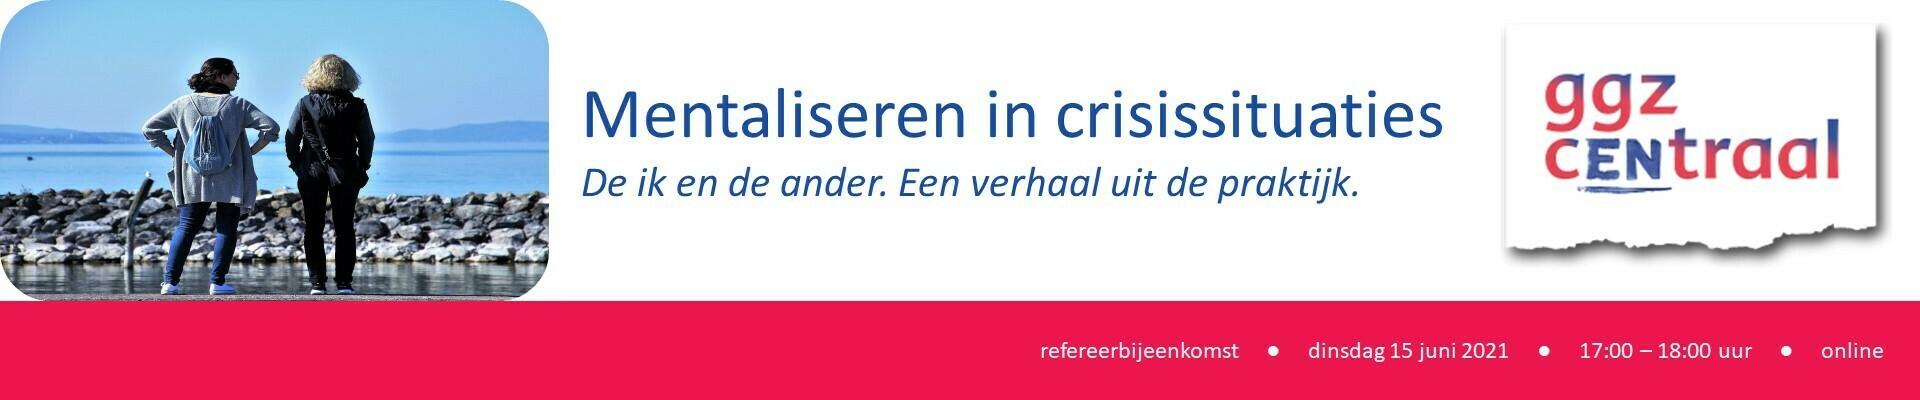 Refereerbijeenkomst 'Mentaliseren in crisissituaties'